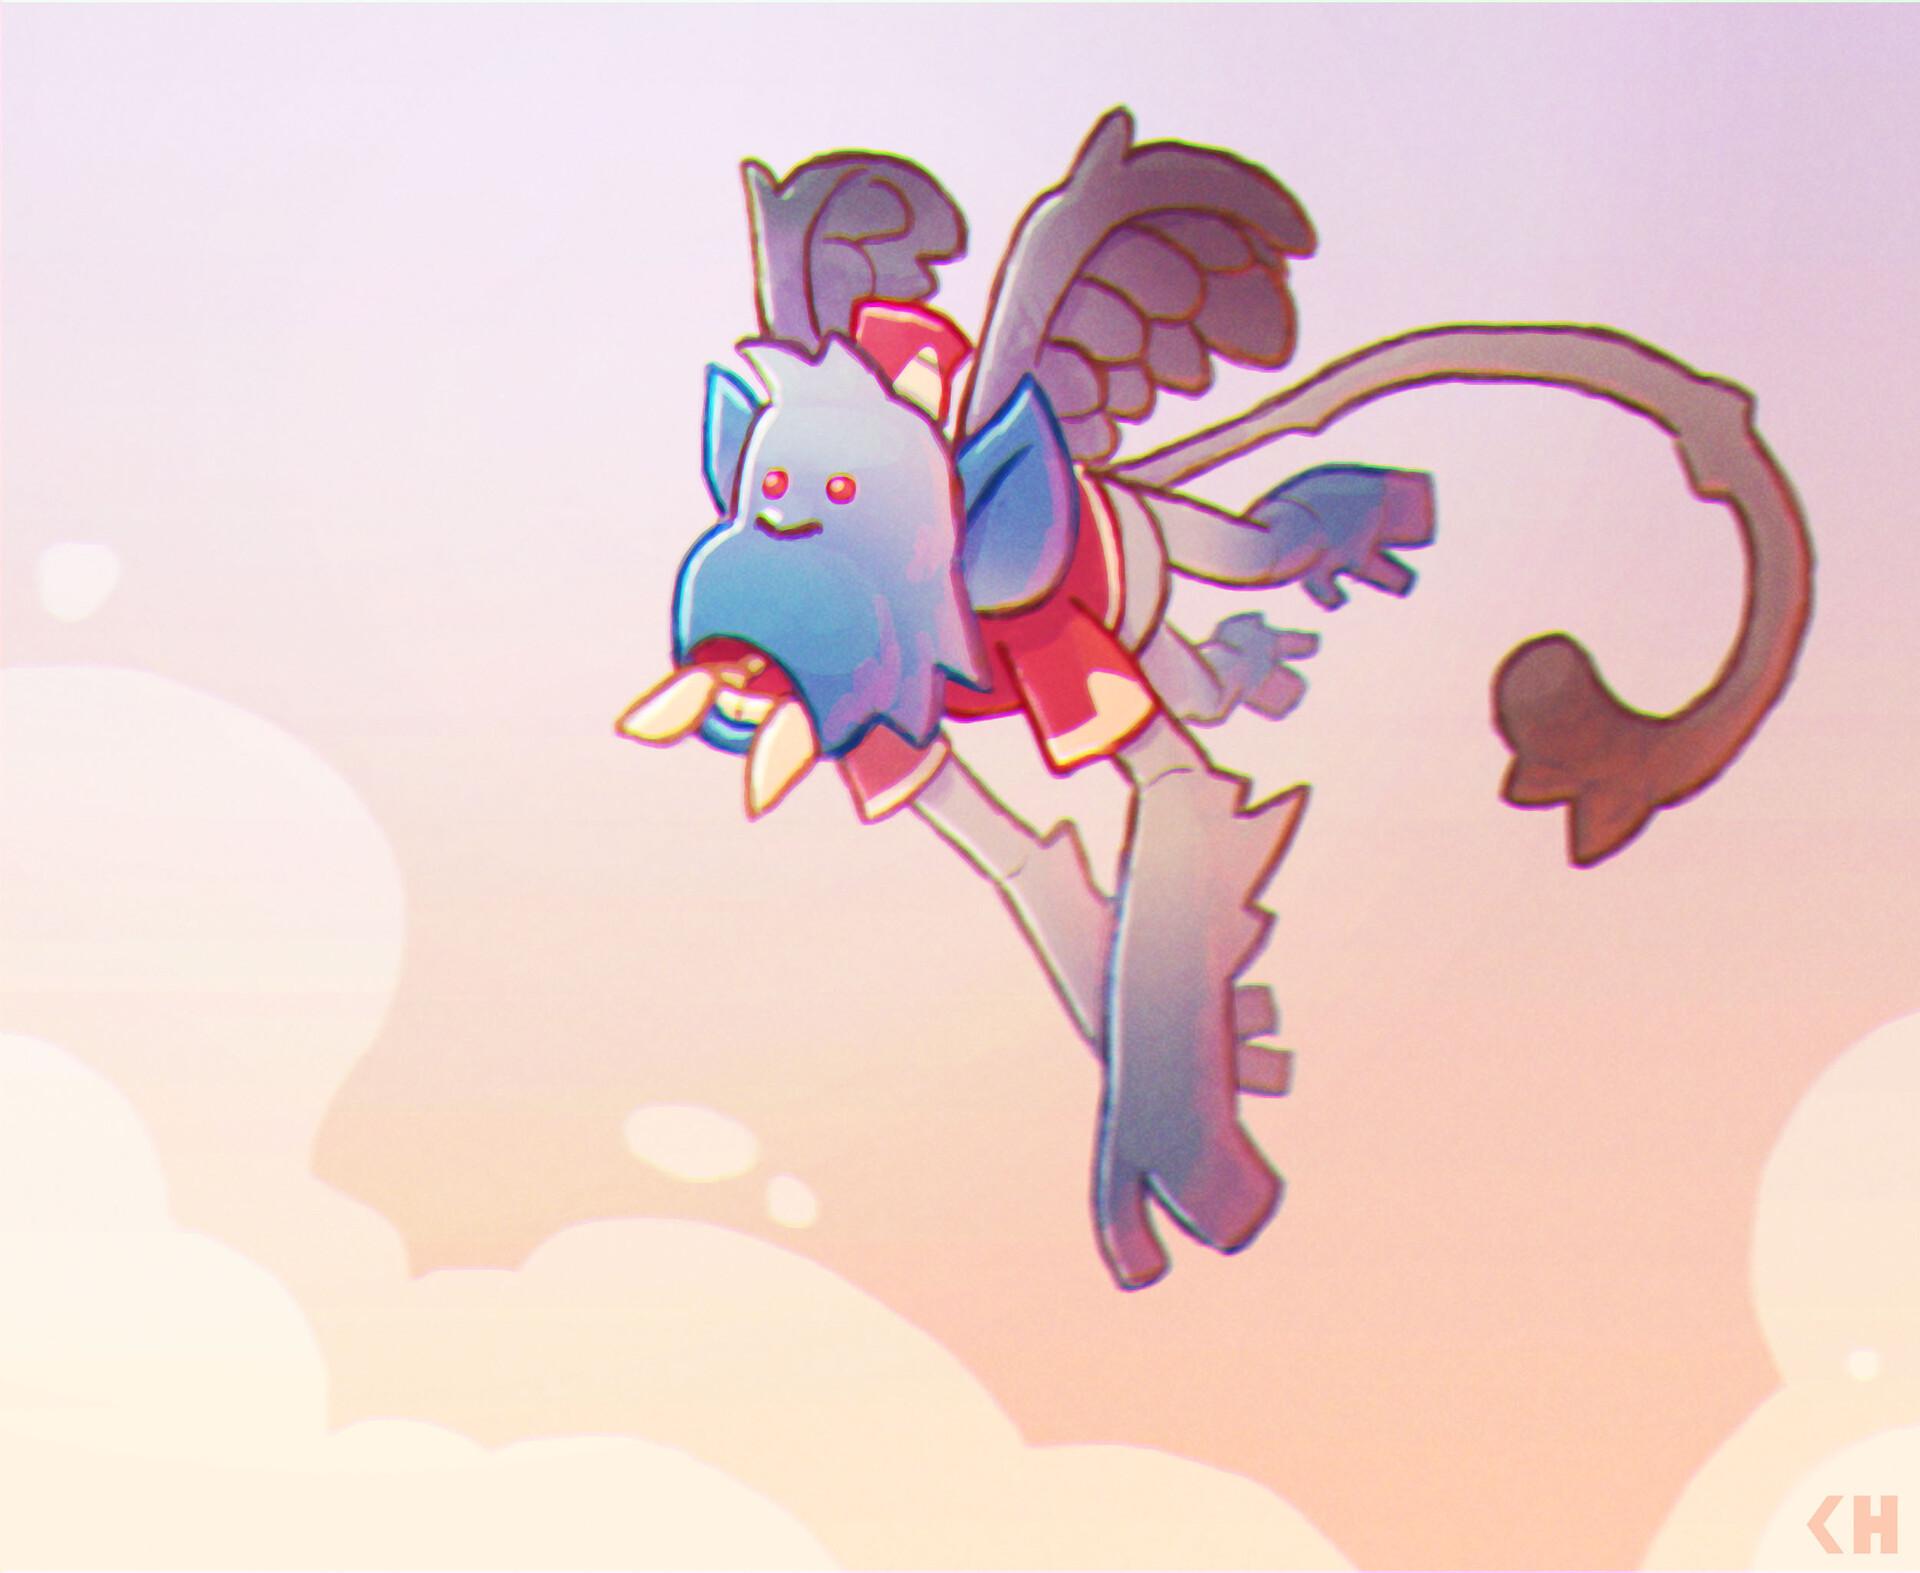 Chema samaniego flying monkey illustration